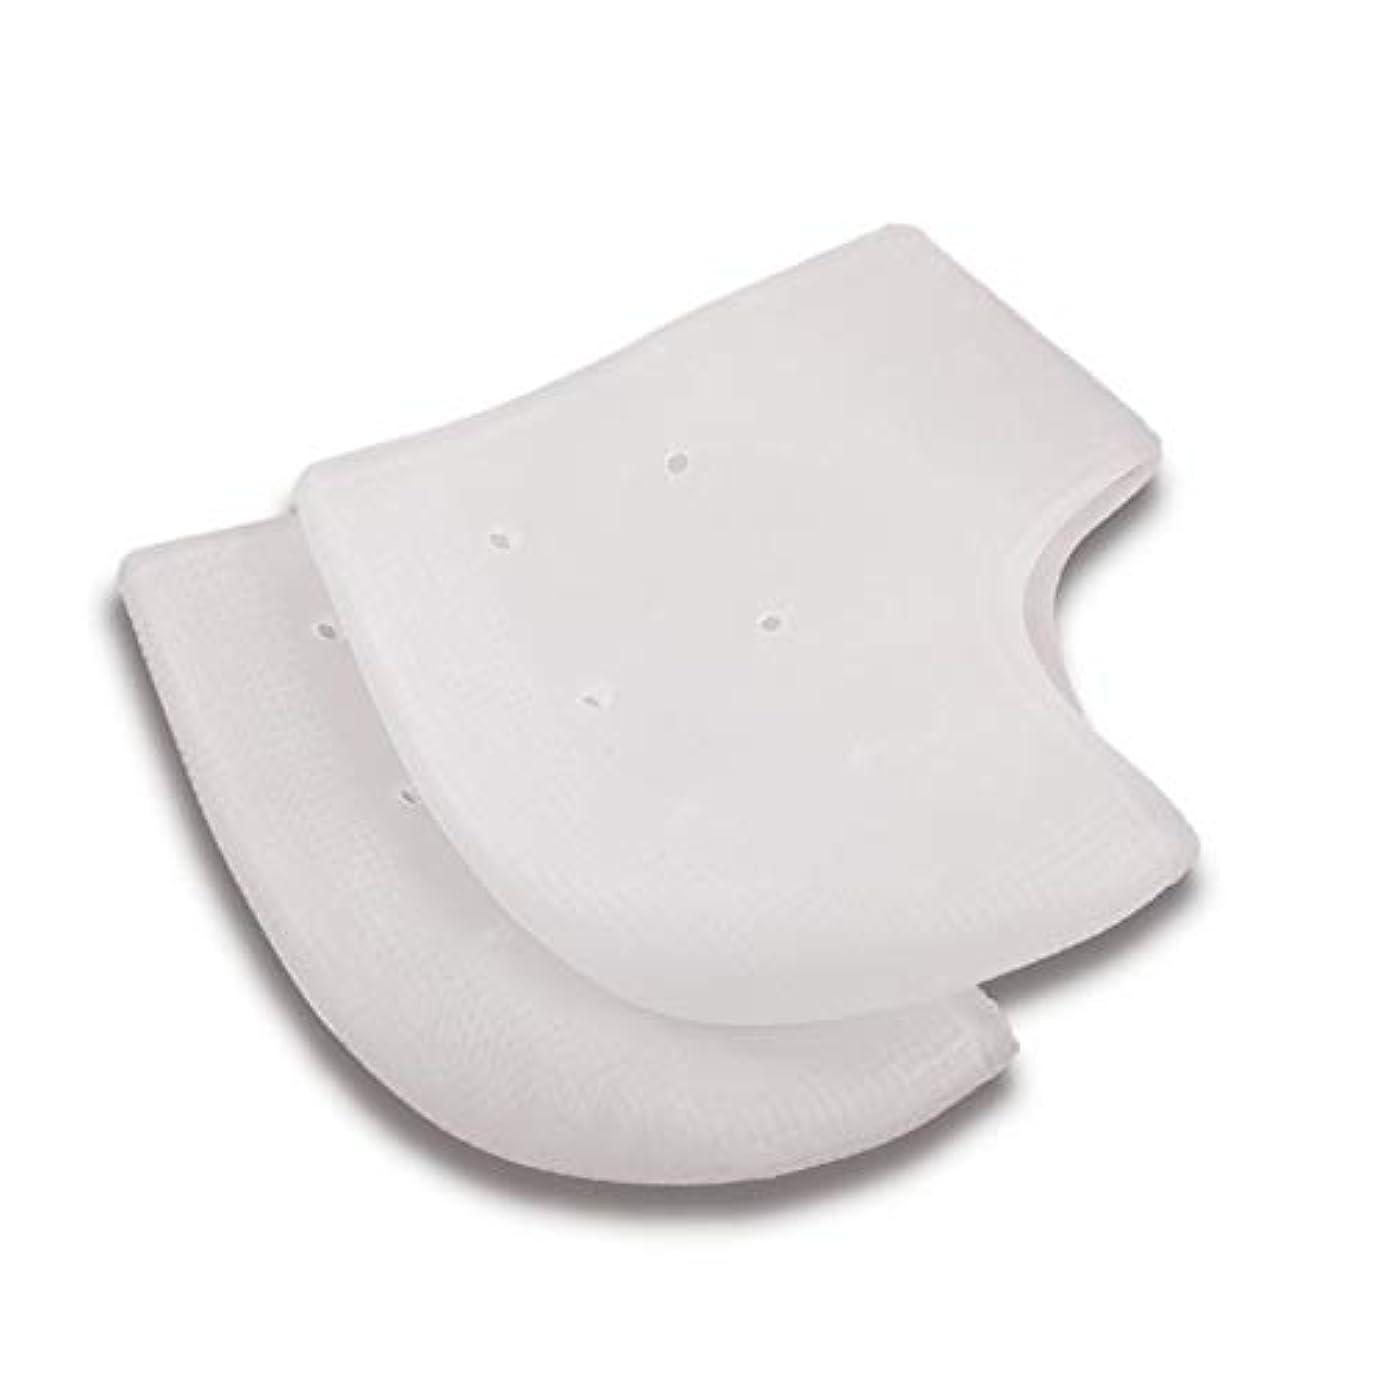 サークル実行可能導出かかと保護カバー 足底筋膜炎インソール かかと保護サポーター 足痛み軽減 かかと痛サポーター 衝撃吸収 ジェルサポーター かかとケア 美足 保湿 かかと靴下 男女兼用 2ペア入り